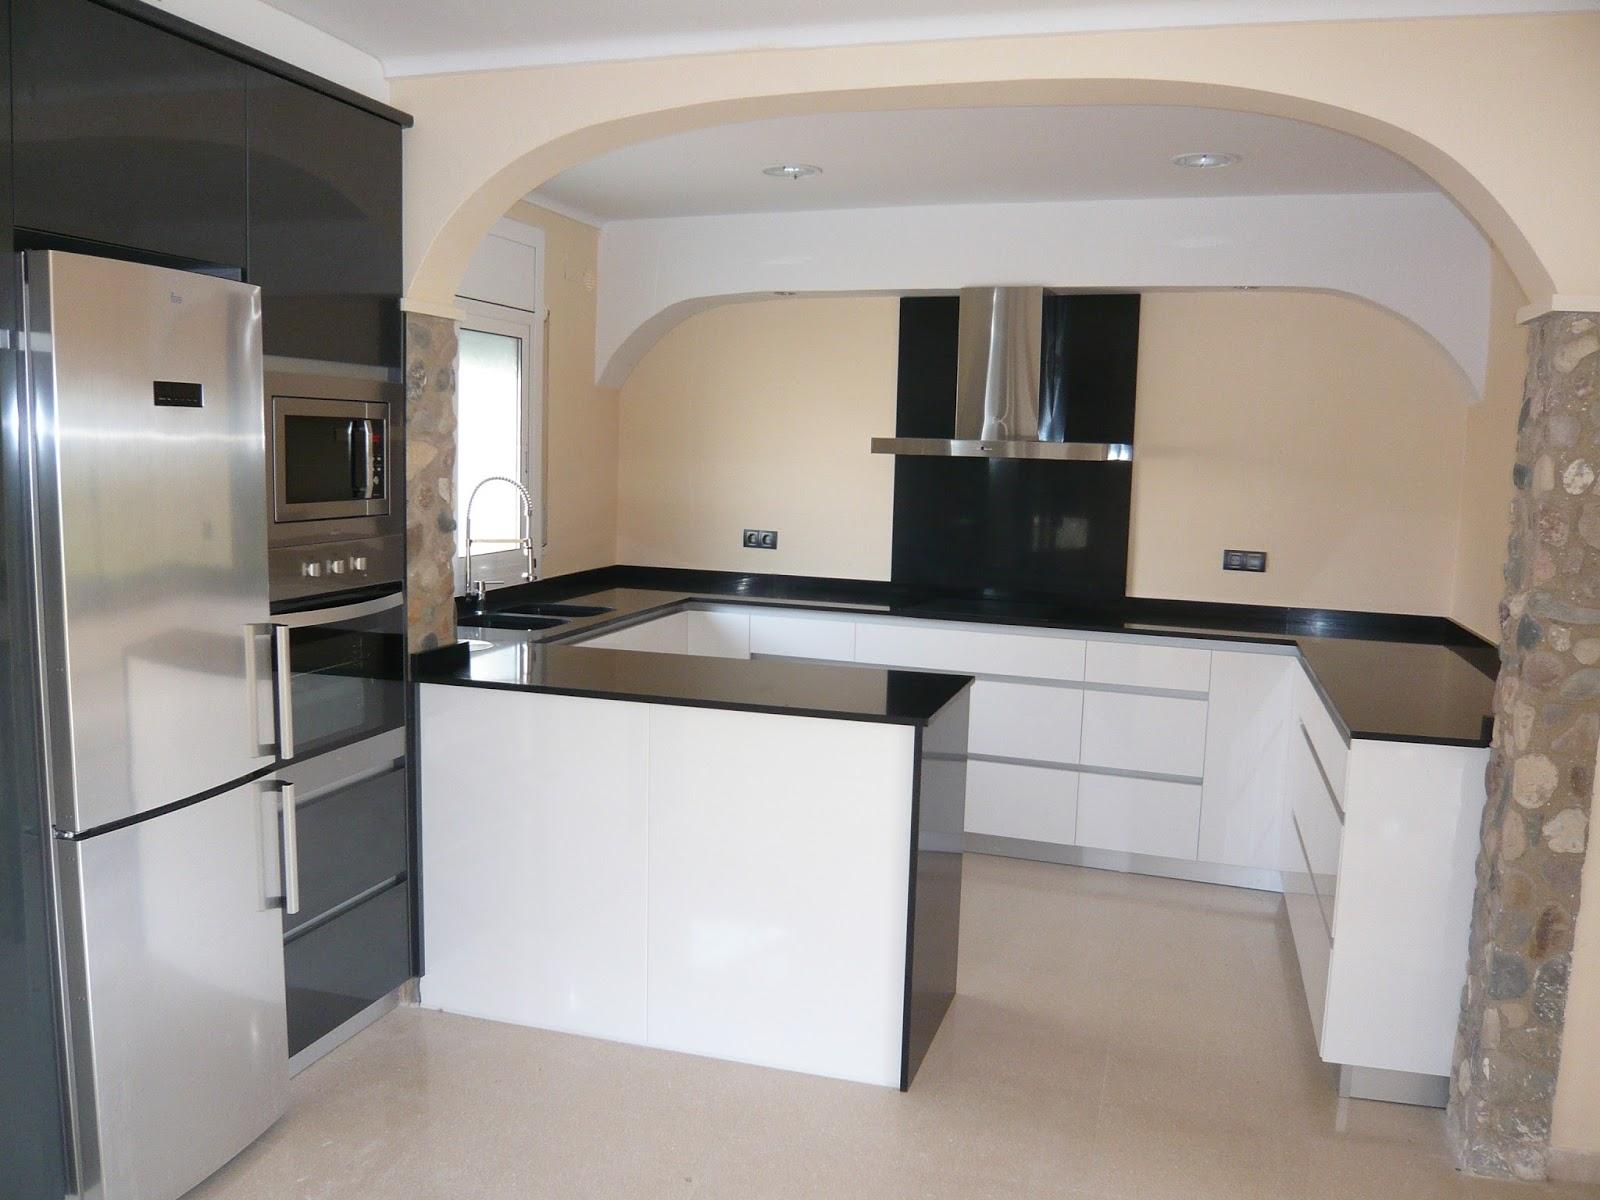 Reuscuina muebles de cocina sin tiradores con isla for Muebles de cocina con isla